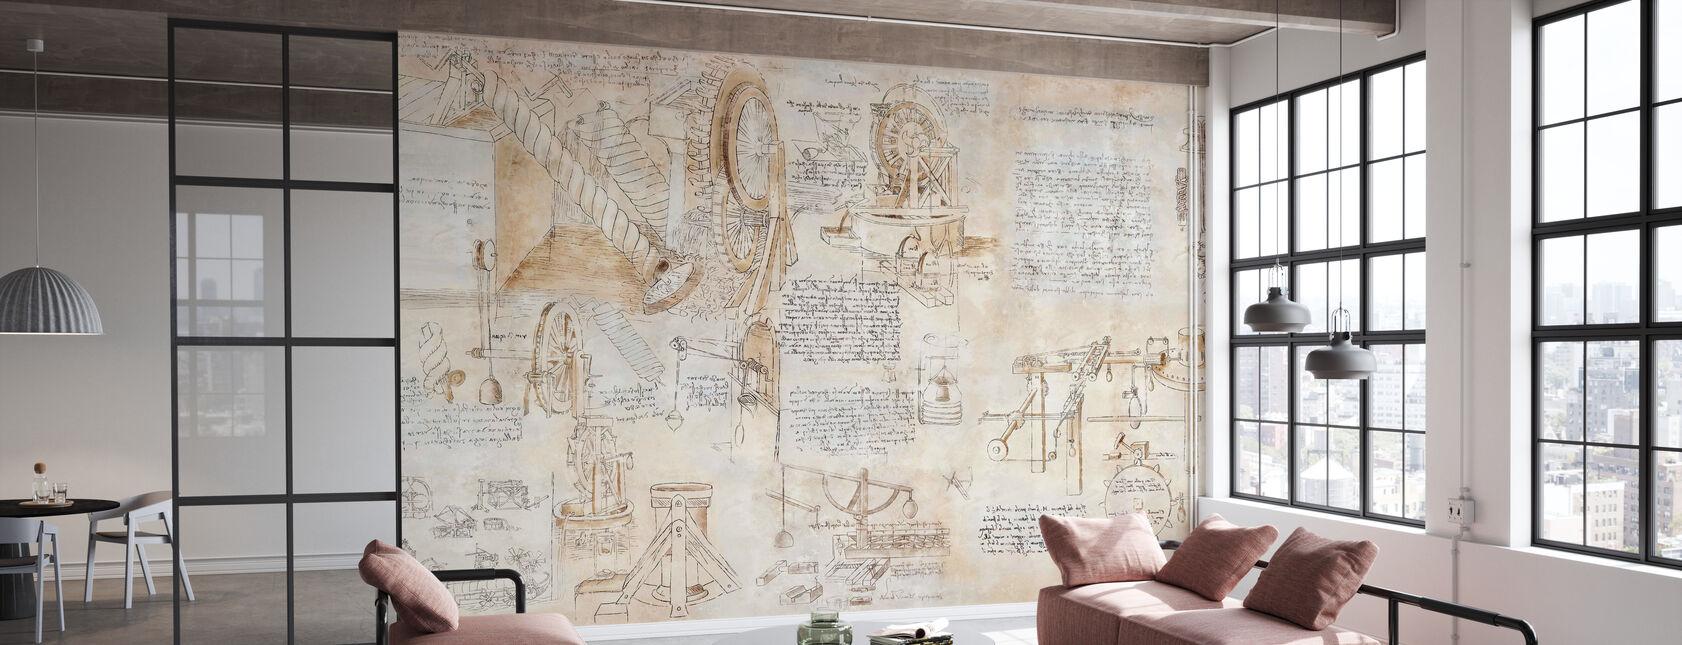 Da Vinci - Uitvindingen - Behang - Kantoor